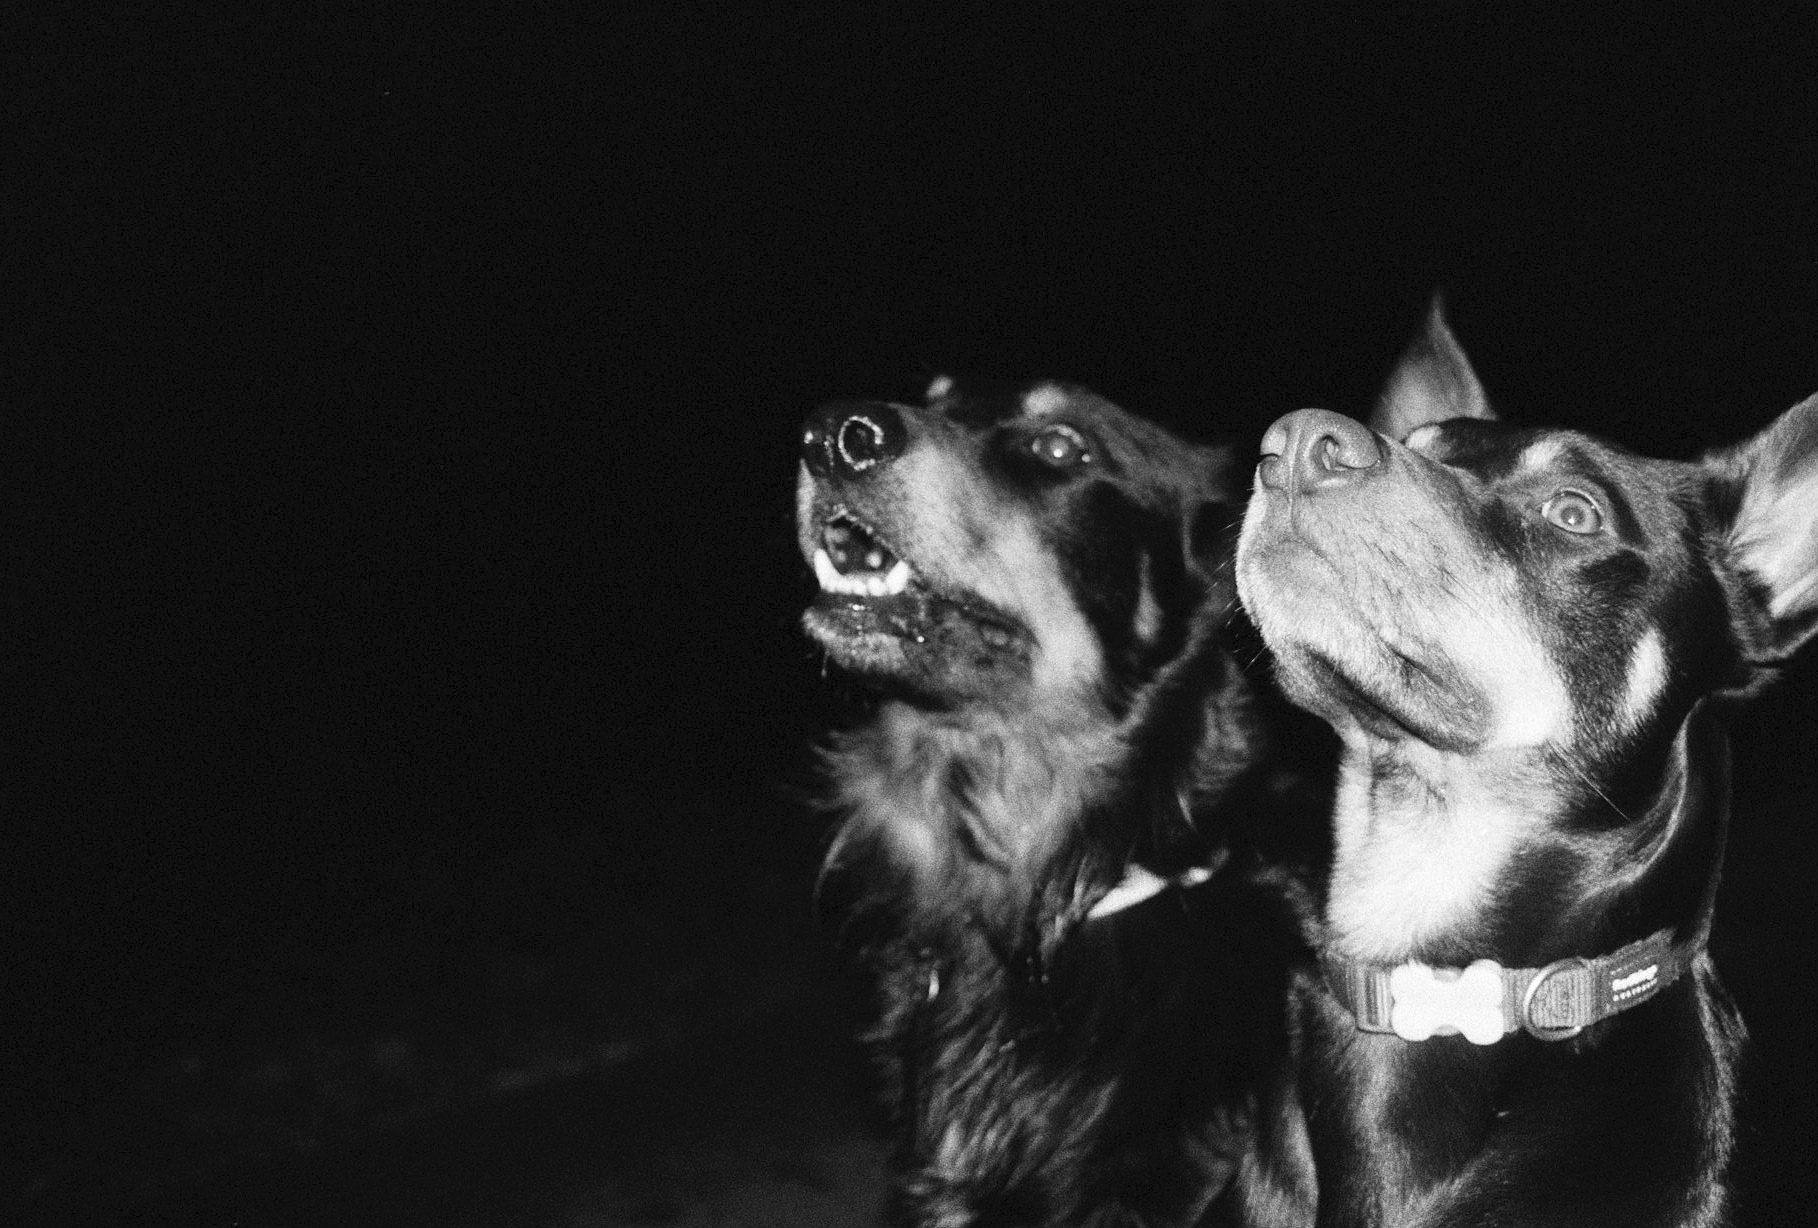 A pair of monsters lurking in the dark - Taken in Bangor, Wales on Kentmere 400